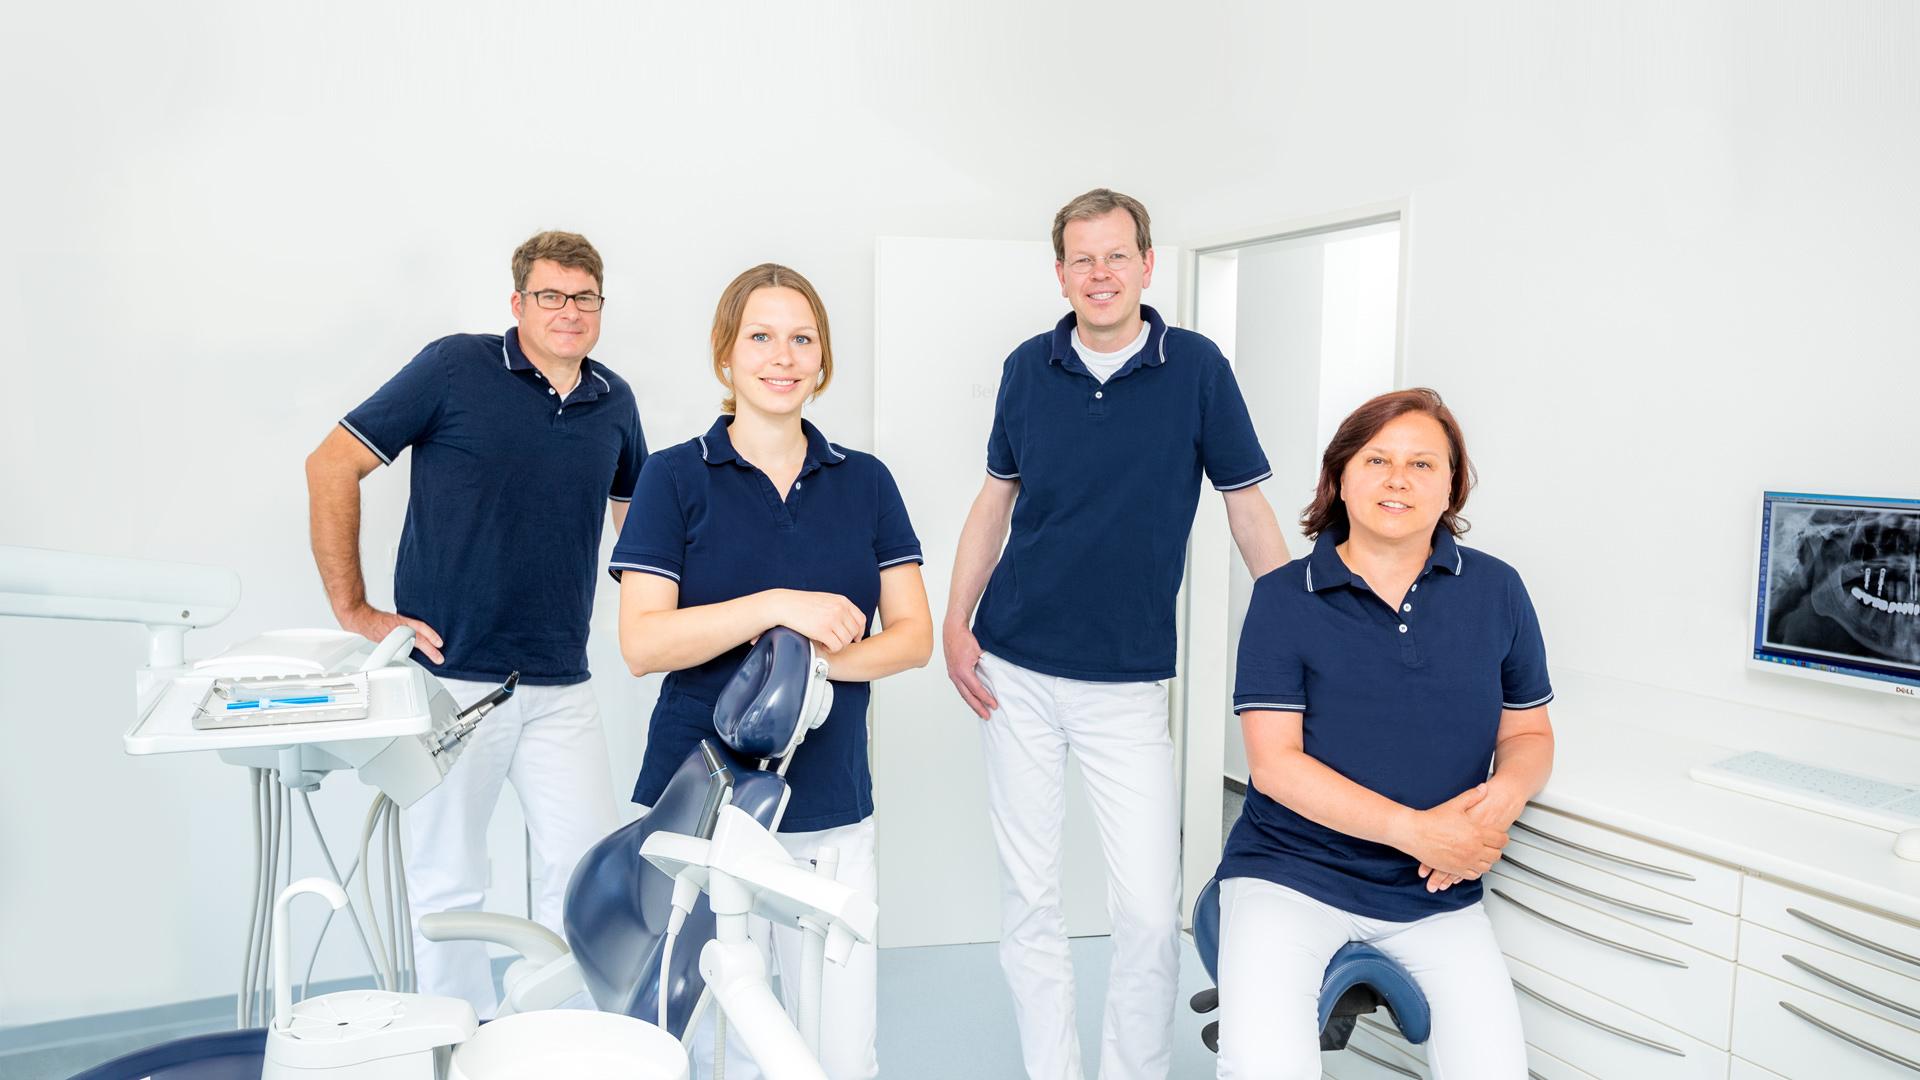 Willkommen in der zahnärztlichen Gemeinschaftspraxis von Dr. Drobner & Dr. Schulte in Dülmen